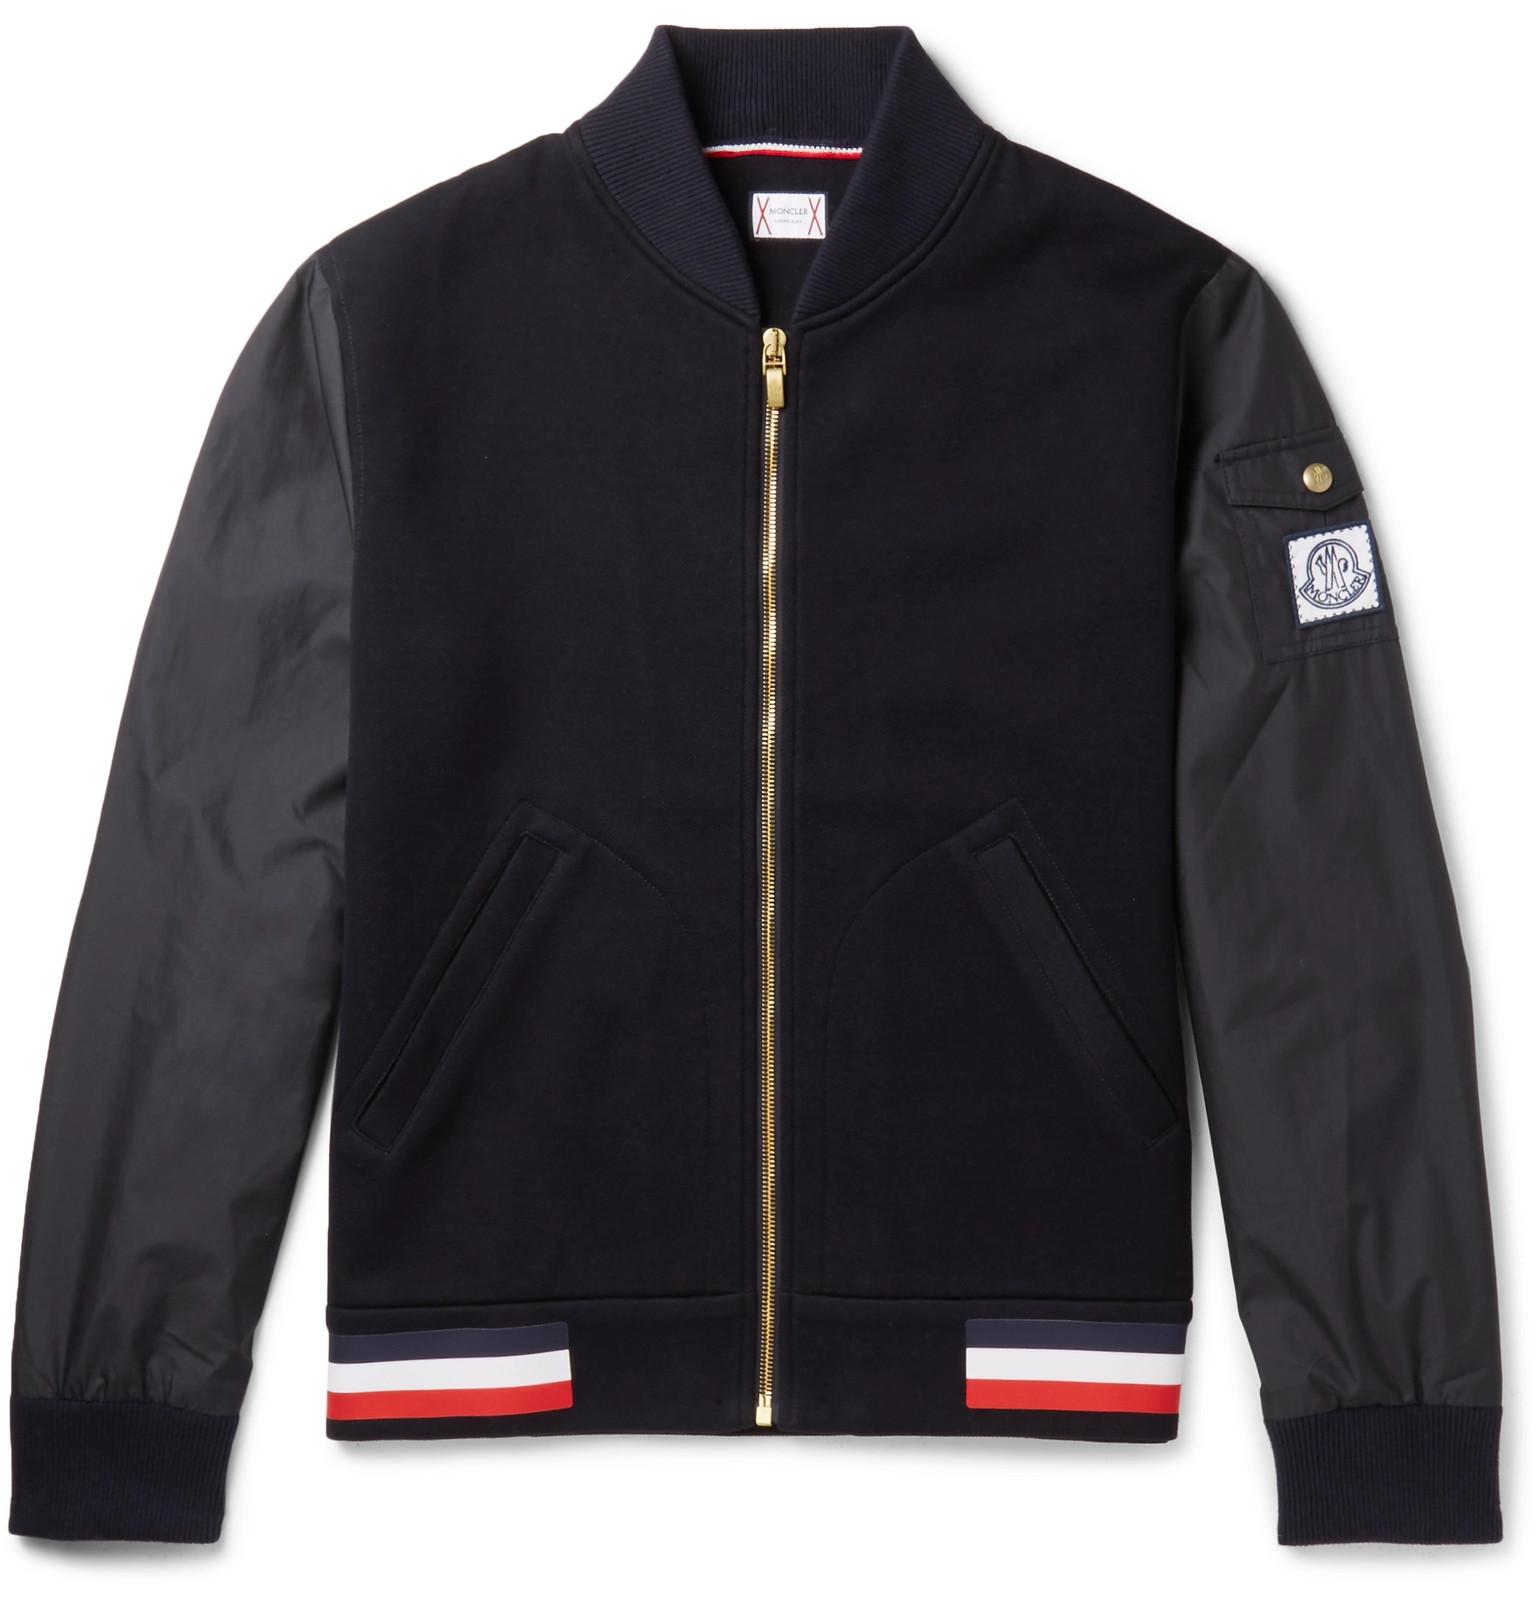 Men&39s Designer Bomber Jackets - Shop Men&39s Fashion Online at MR PORTER